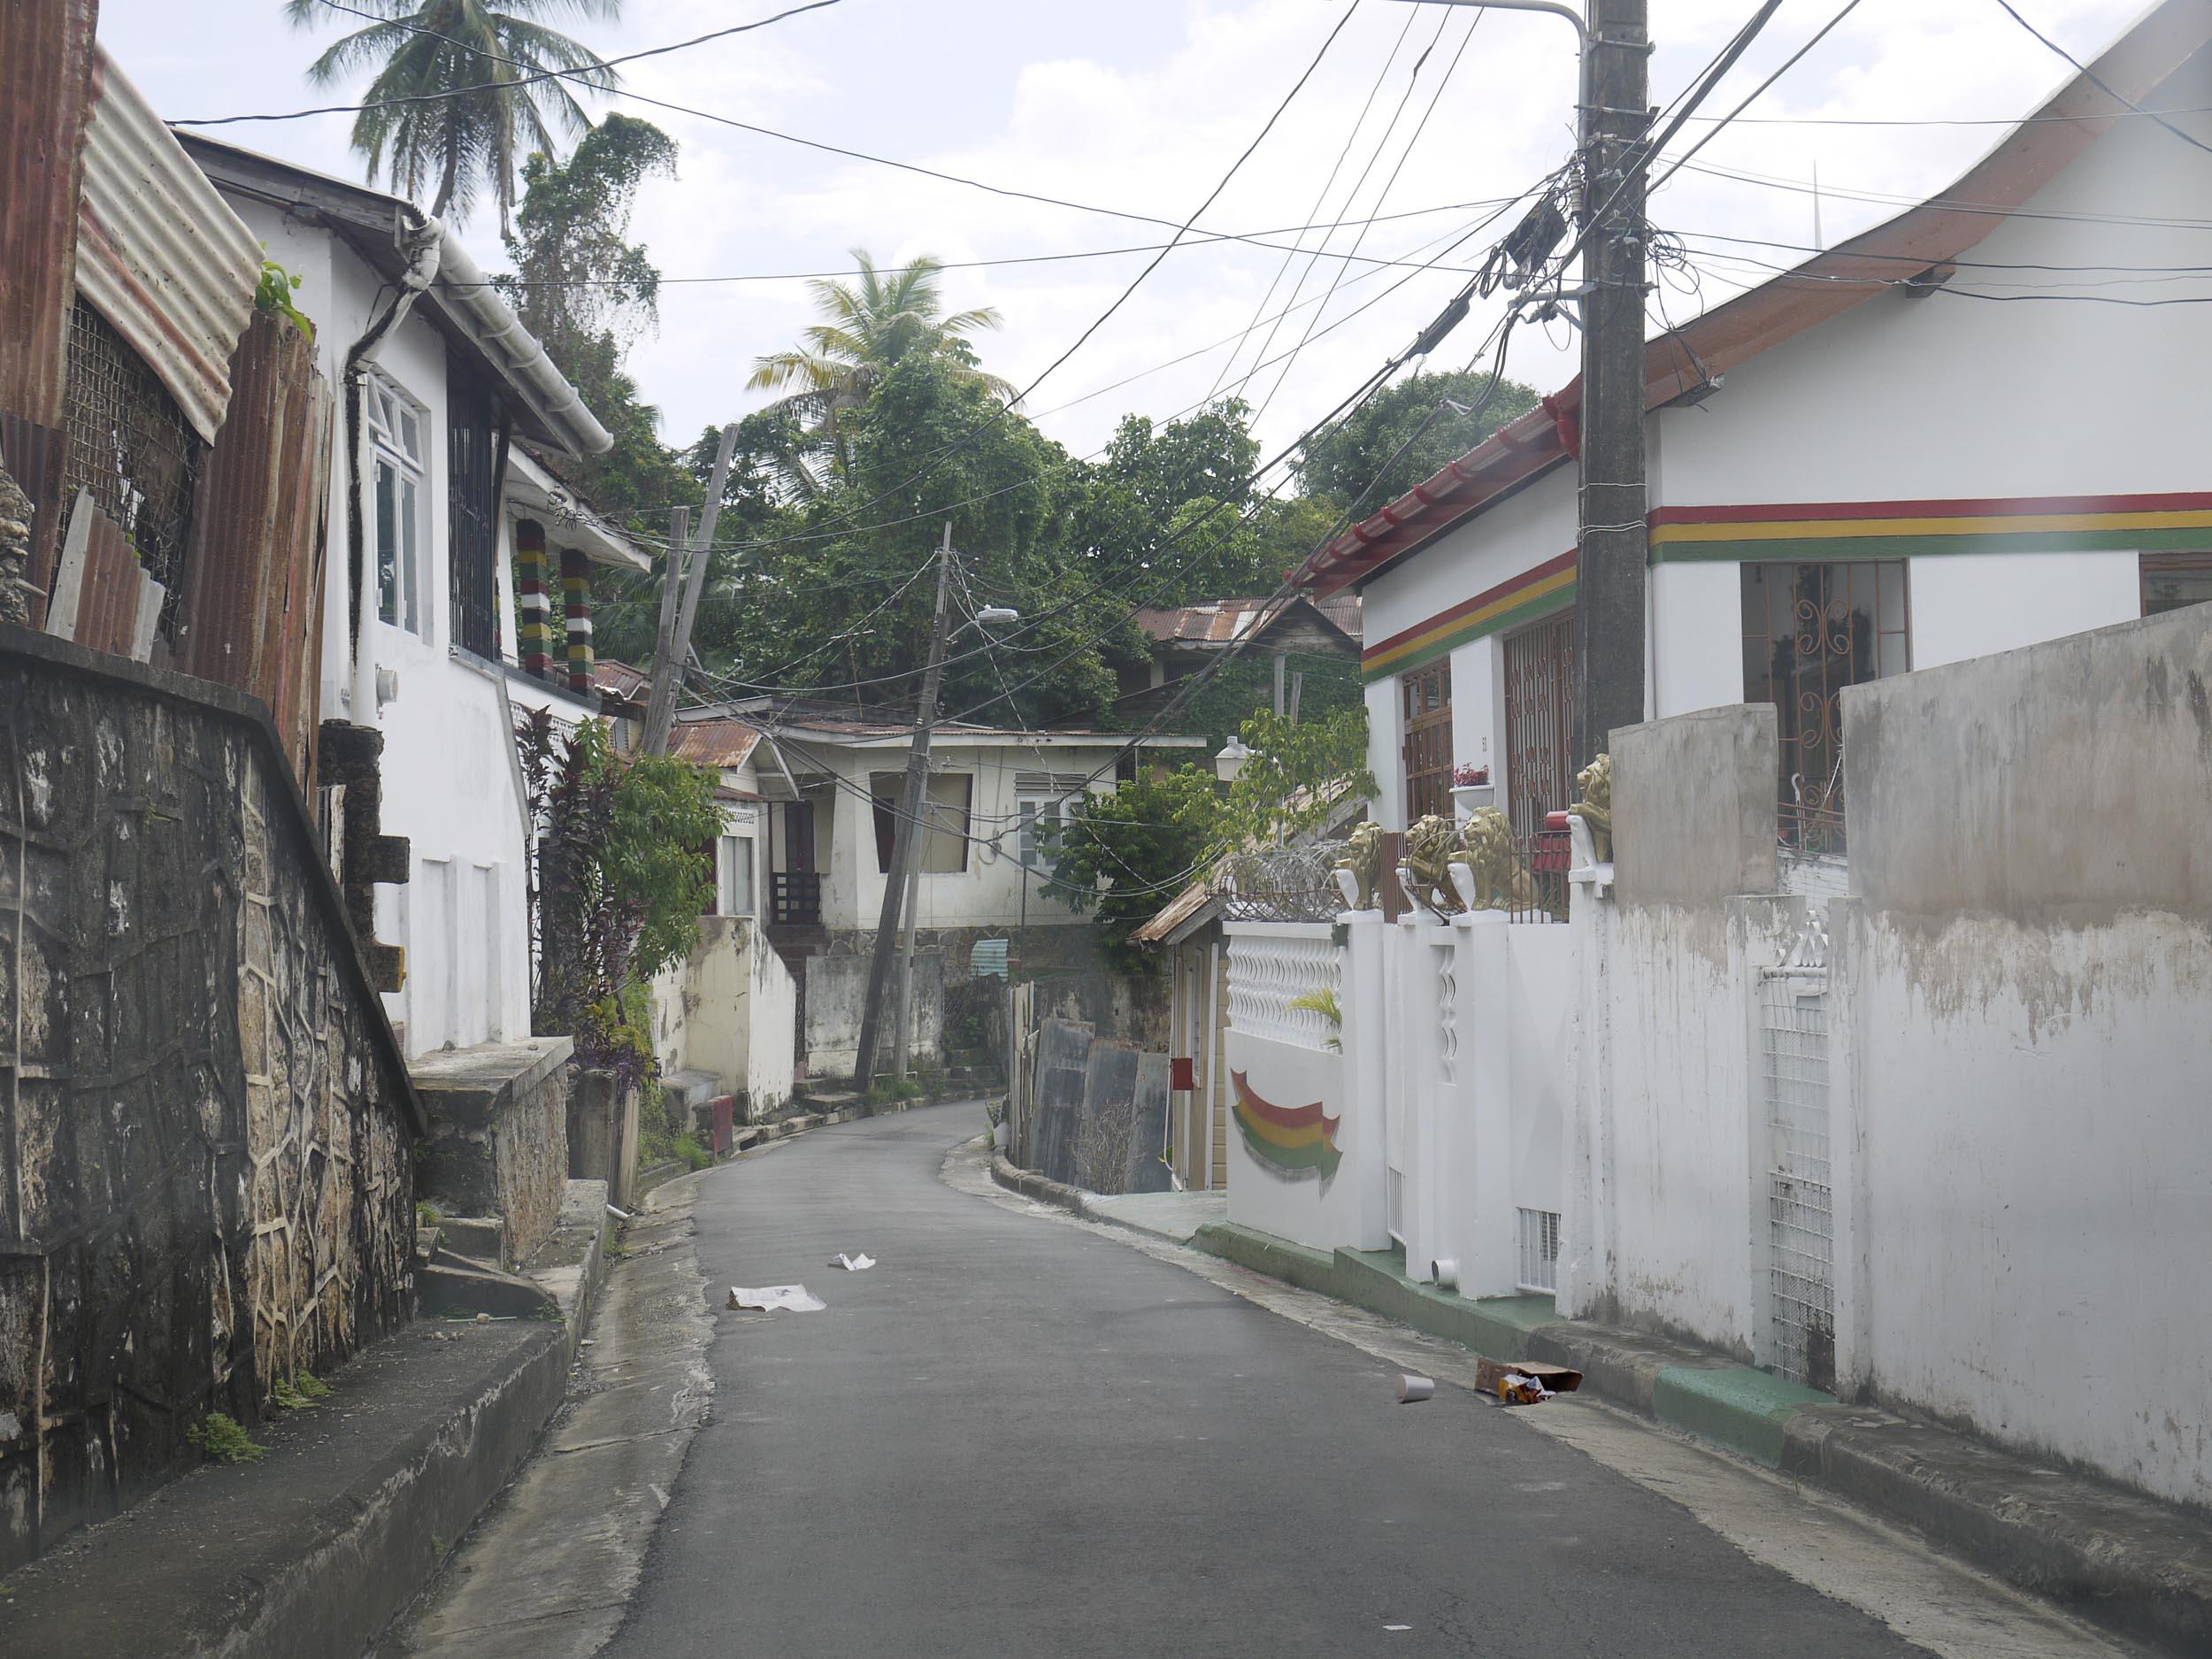 neighborhoods existing